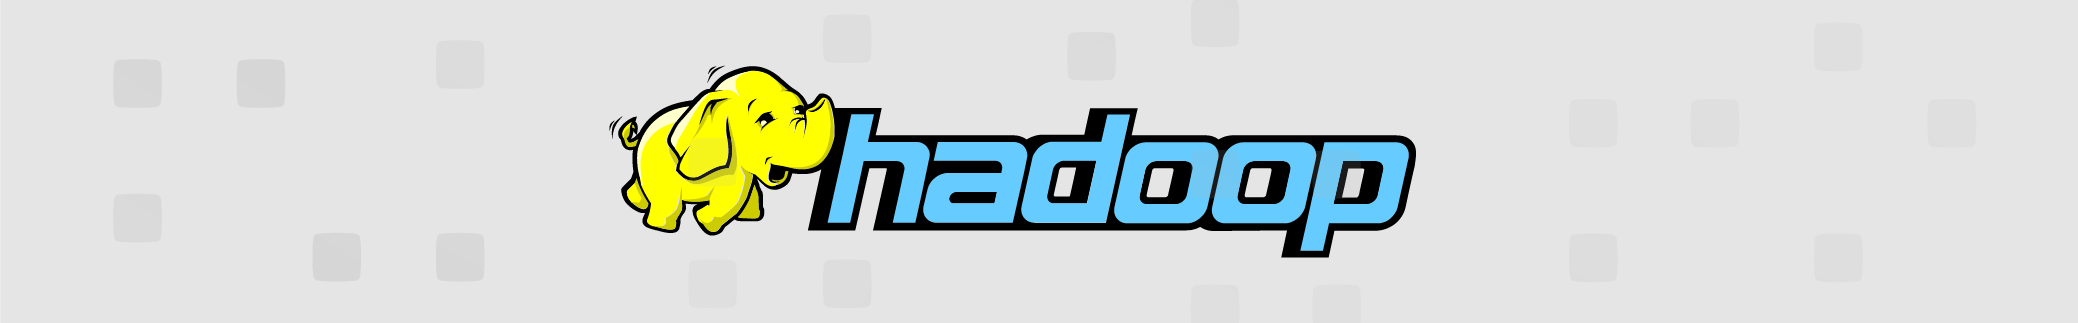 redapt_blog-graphics_hadoop-logo